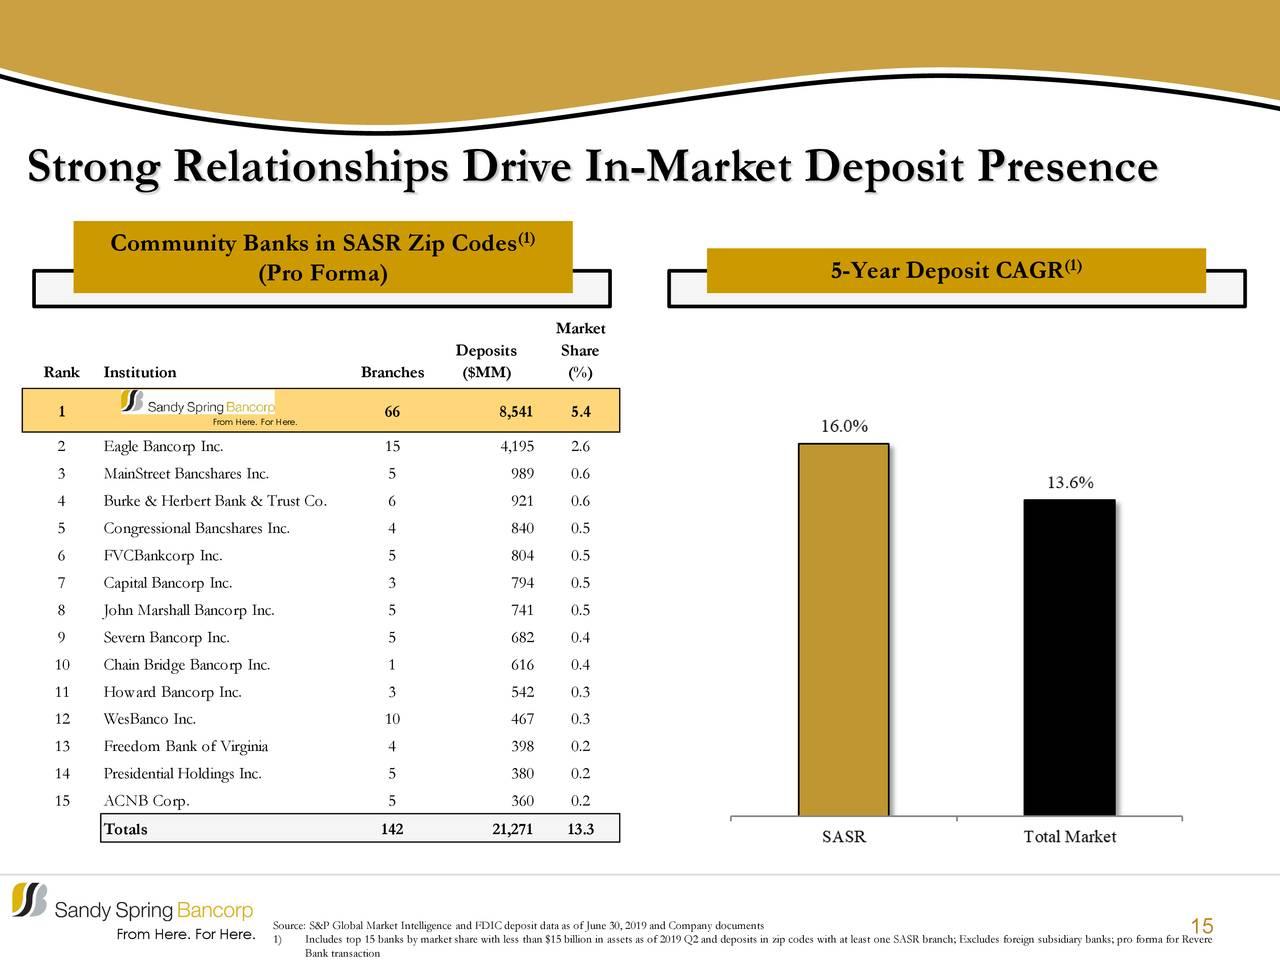 Las relaciones sólidas impulsan la presencia de depósitos en el mercado